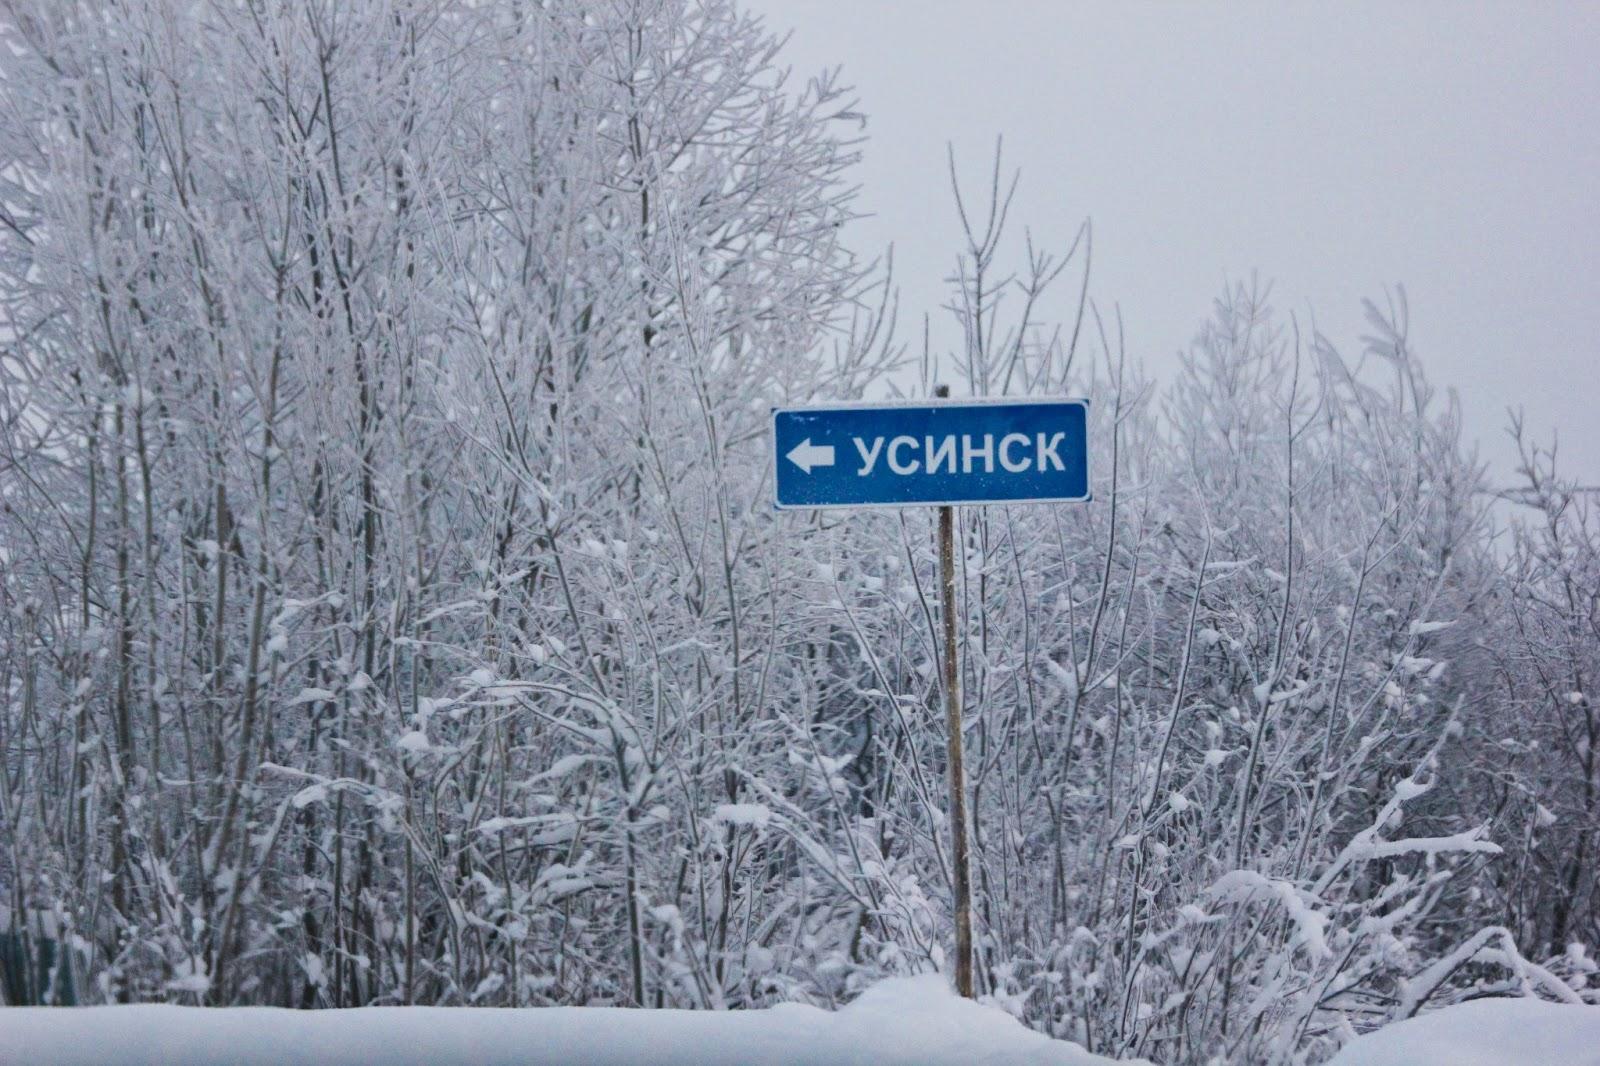 Знакомства С Фотографиями Город Усинск Республика Коми